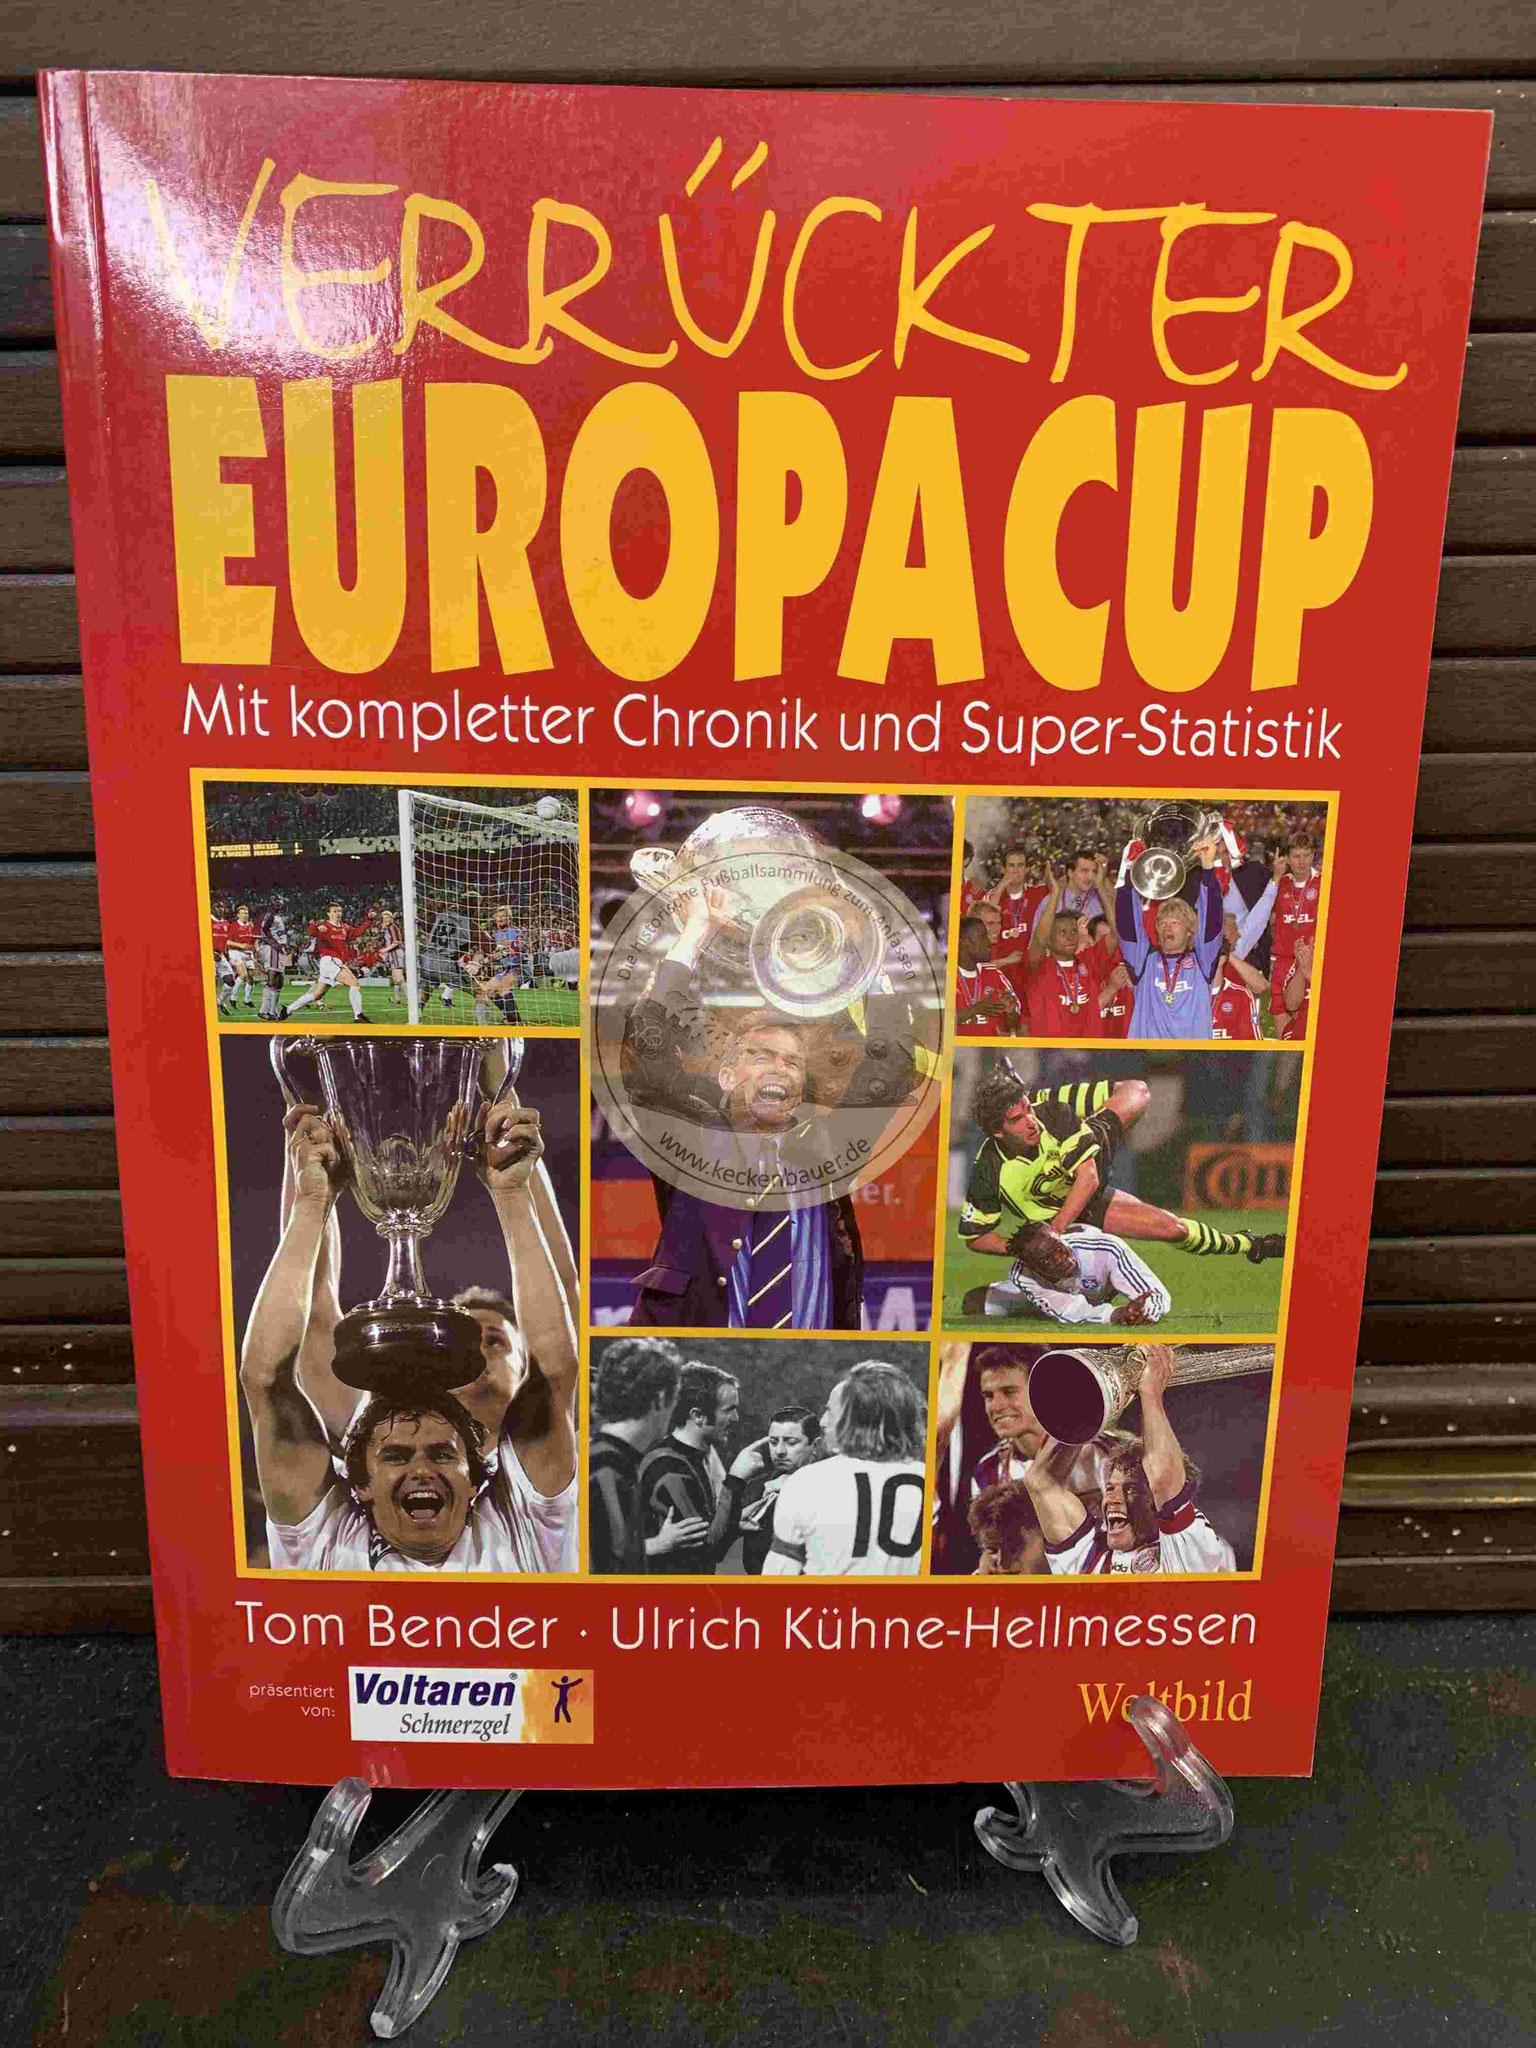 Verrückter Europacup mit kompletter Chronik und Super-Statistik von Tom Bender und Ulrich Kühne-Hellmessen im Weltbild Verlag aus dem Jahr 2003